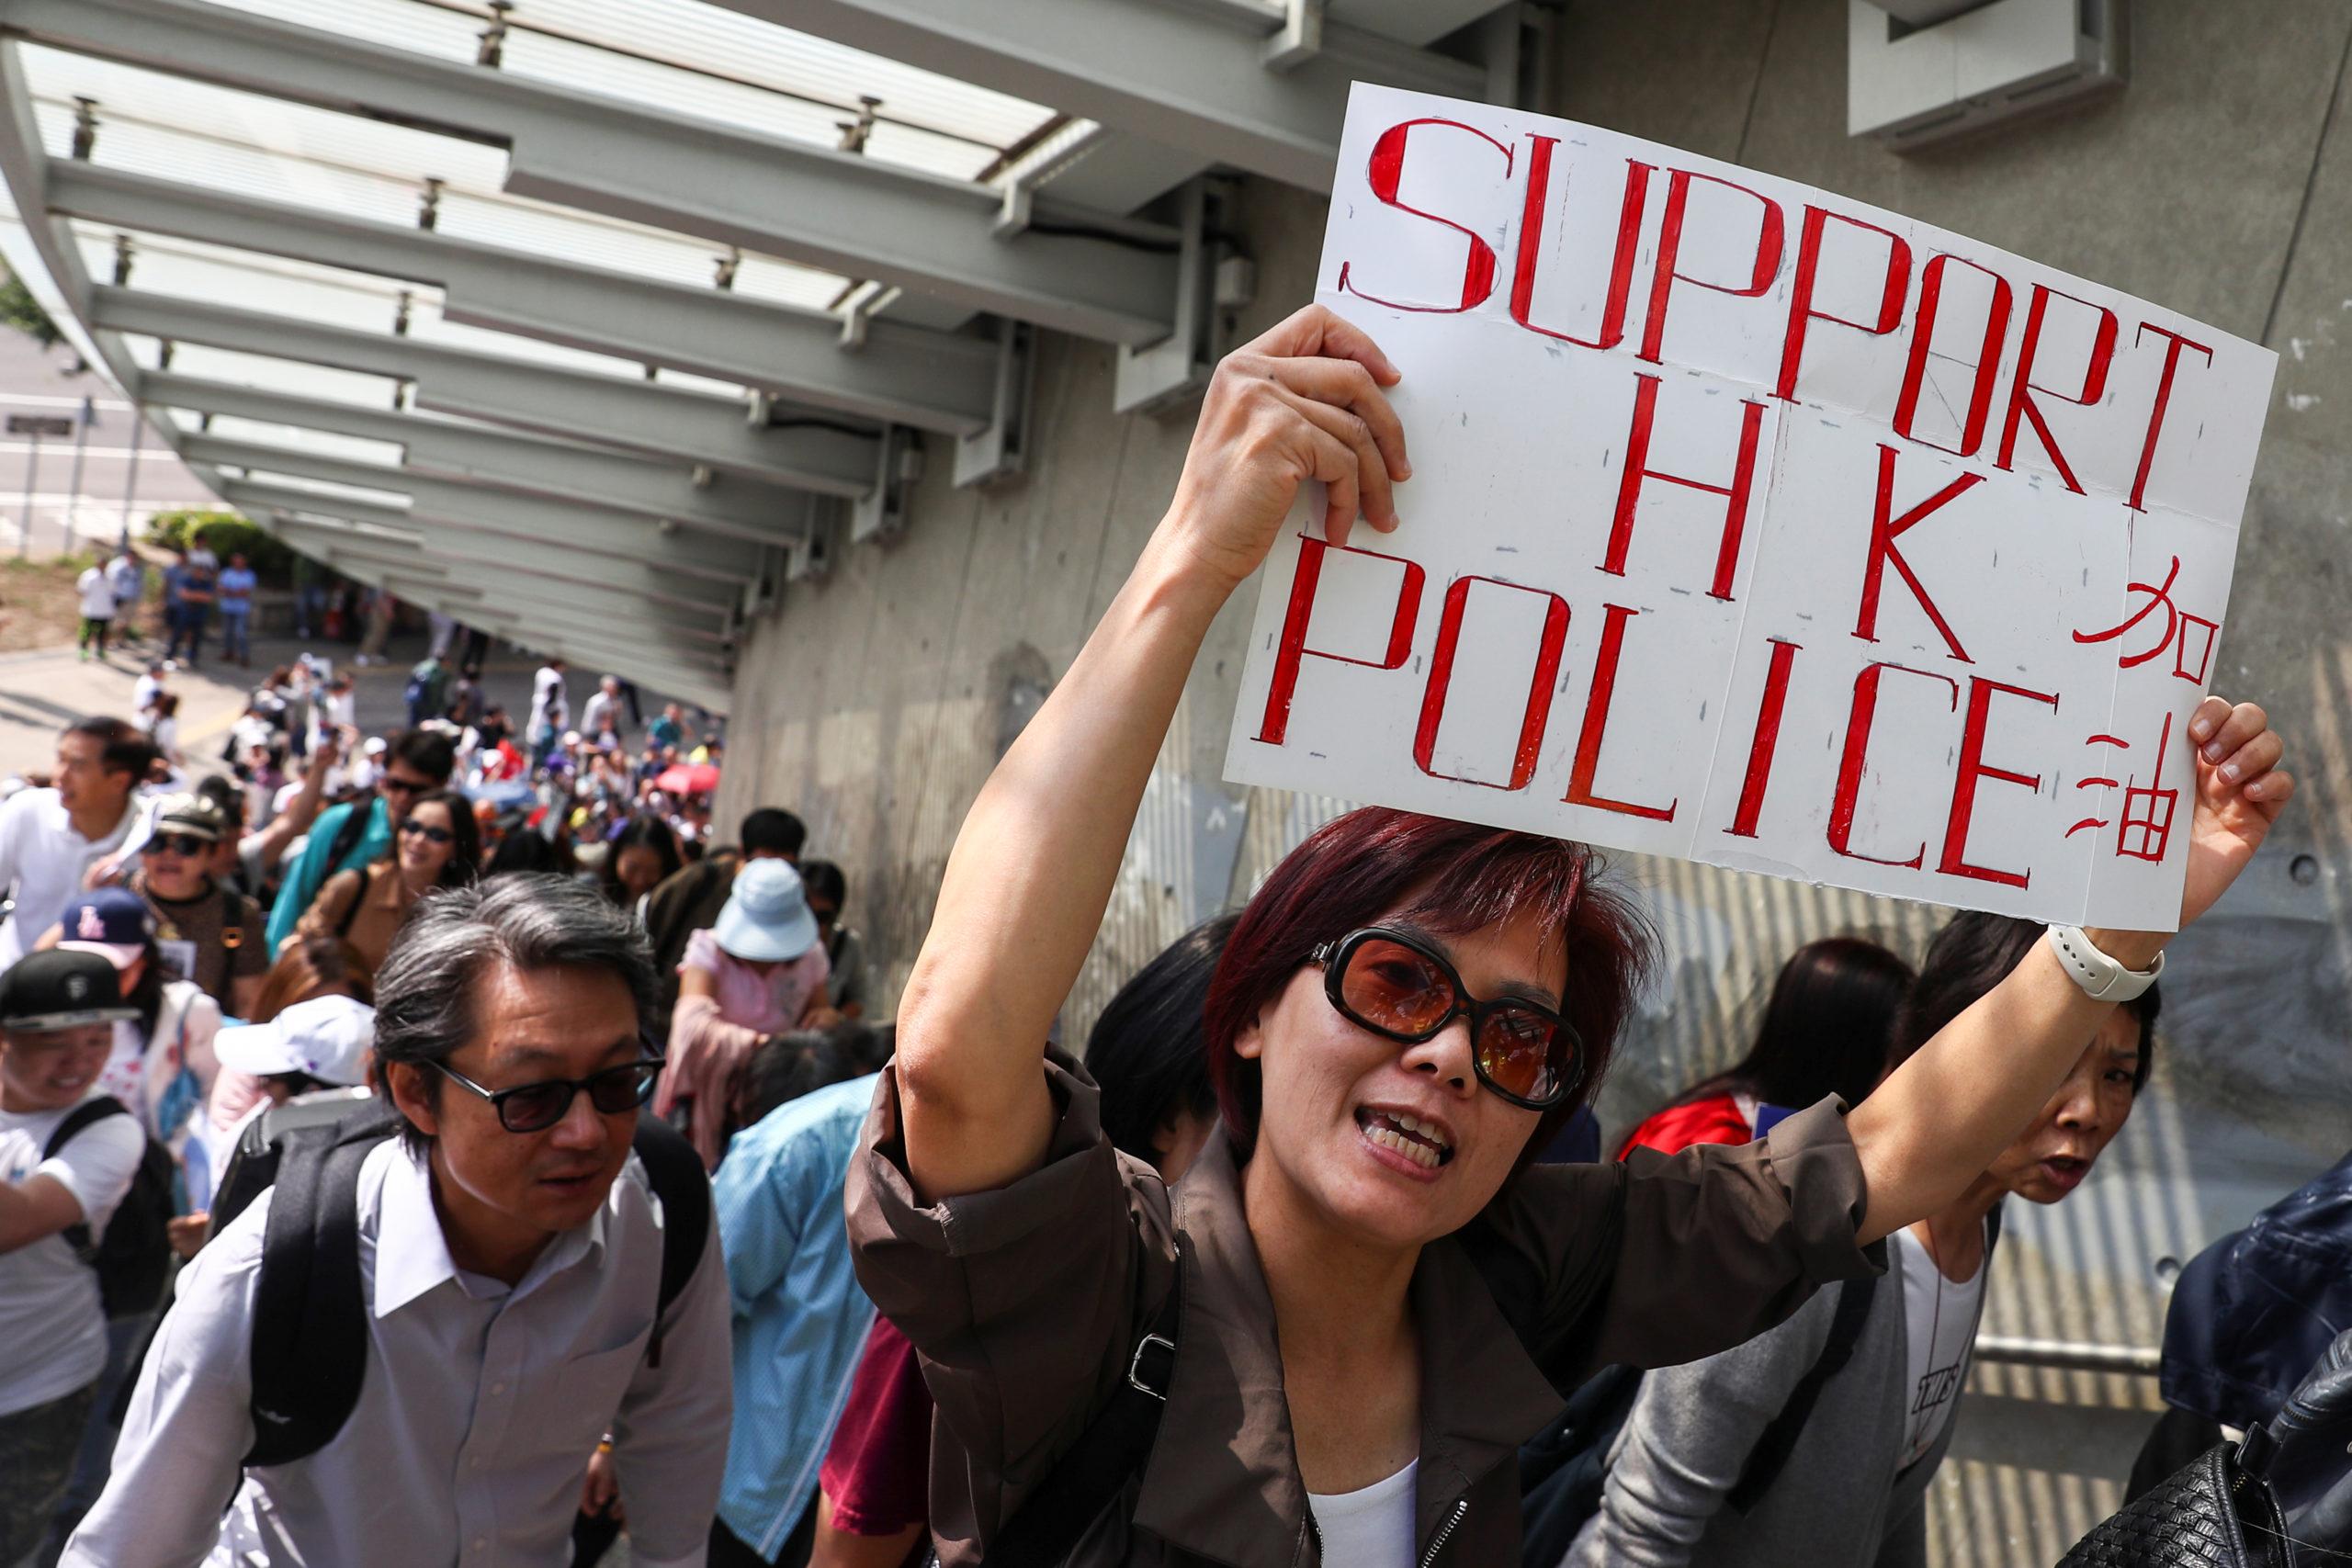 Plusieurs centaines de personnes se sont rassemblées samedi à Hong Kong pour dénoncer les manifestations antigouvernementales de plus en plus violentes dans la ville sous administration chinoise et apporter leur soutien aux forces de l'ordre, devenues une cible prioritaire des contestataires. /Photo prise le 16 novembre 2019/REUTERS/Athit Perawongmetha